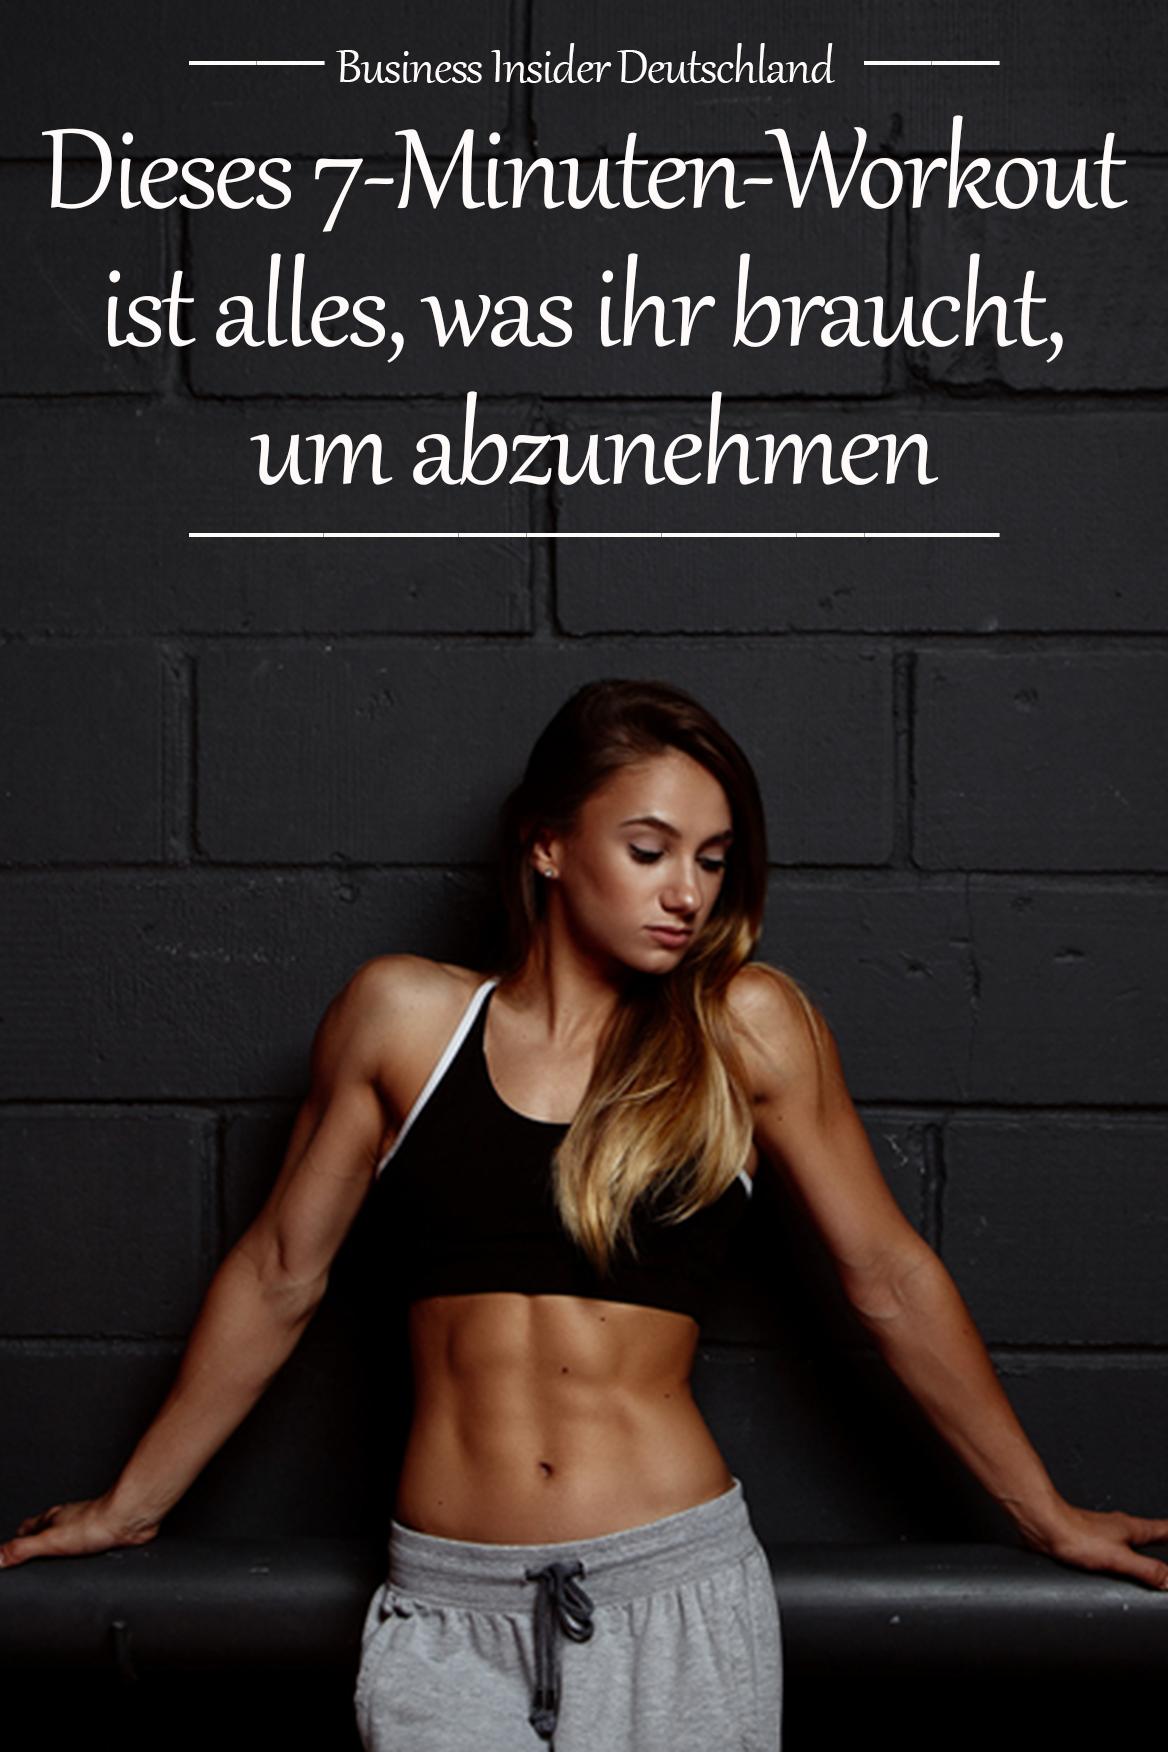 #fotosoulstudioshutterstock #entwickelt #physiologe #training #abnehmen #wenigen #minuten #fitness #...